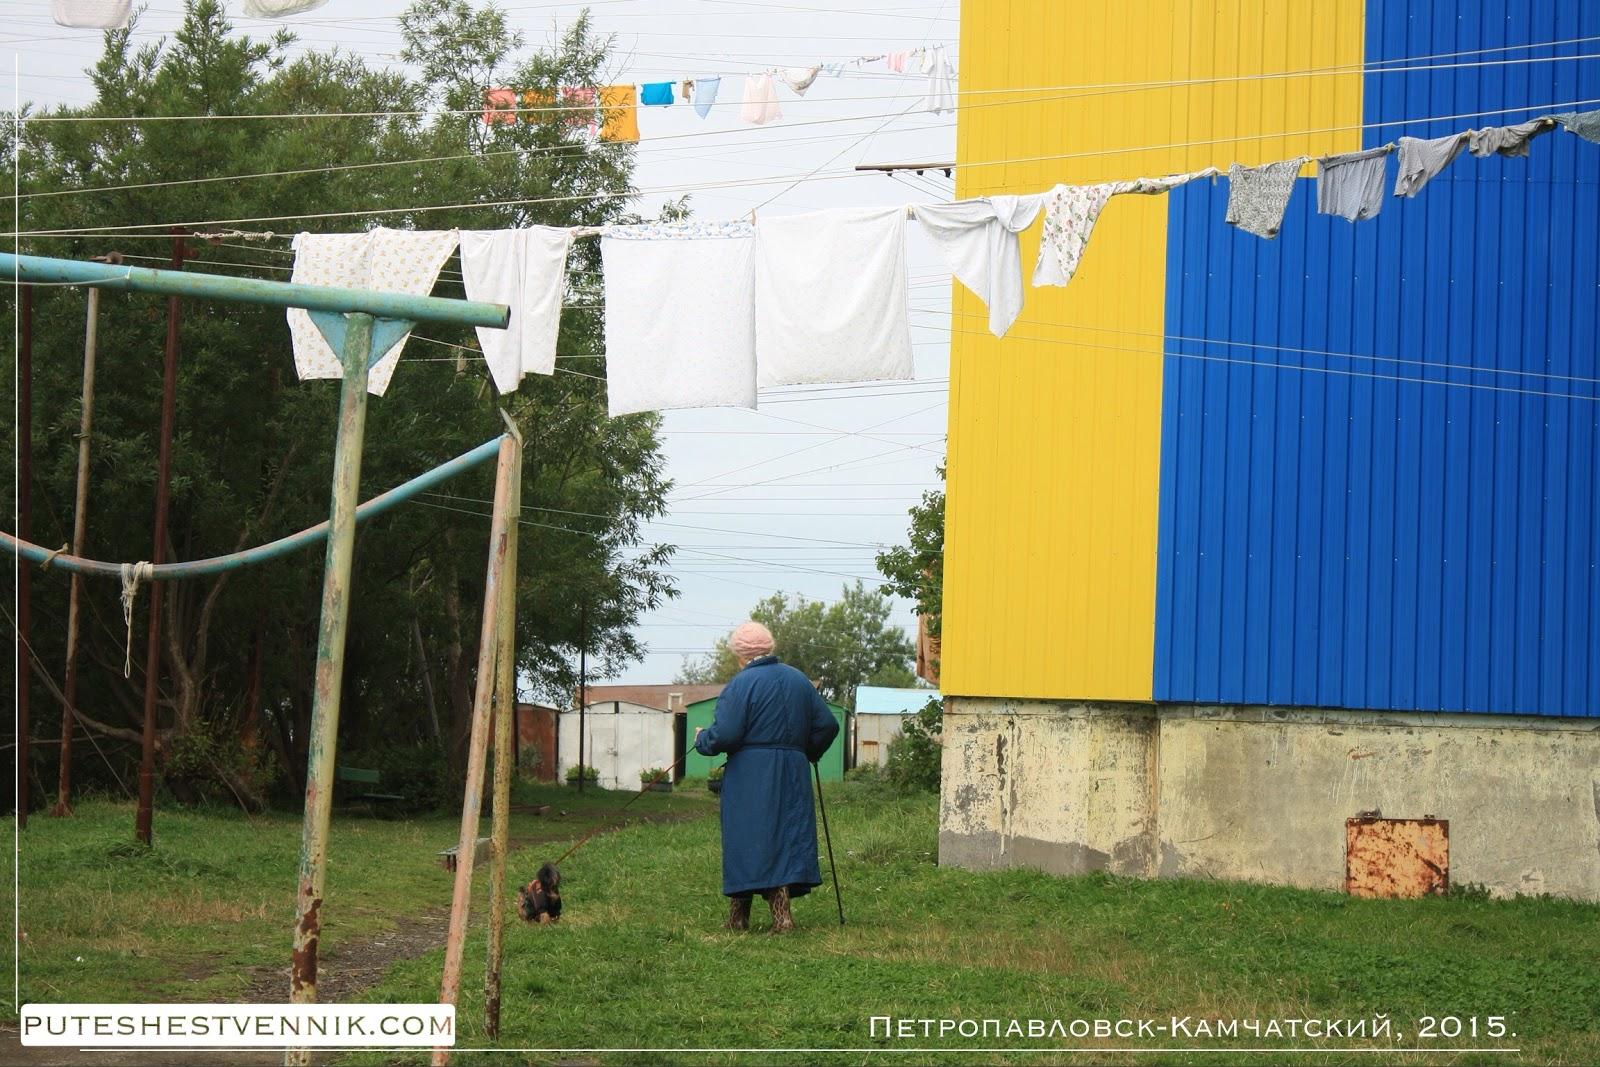 Во дворе в Петропавловске-Камчатском